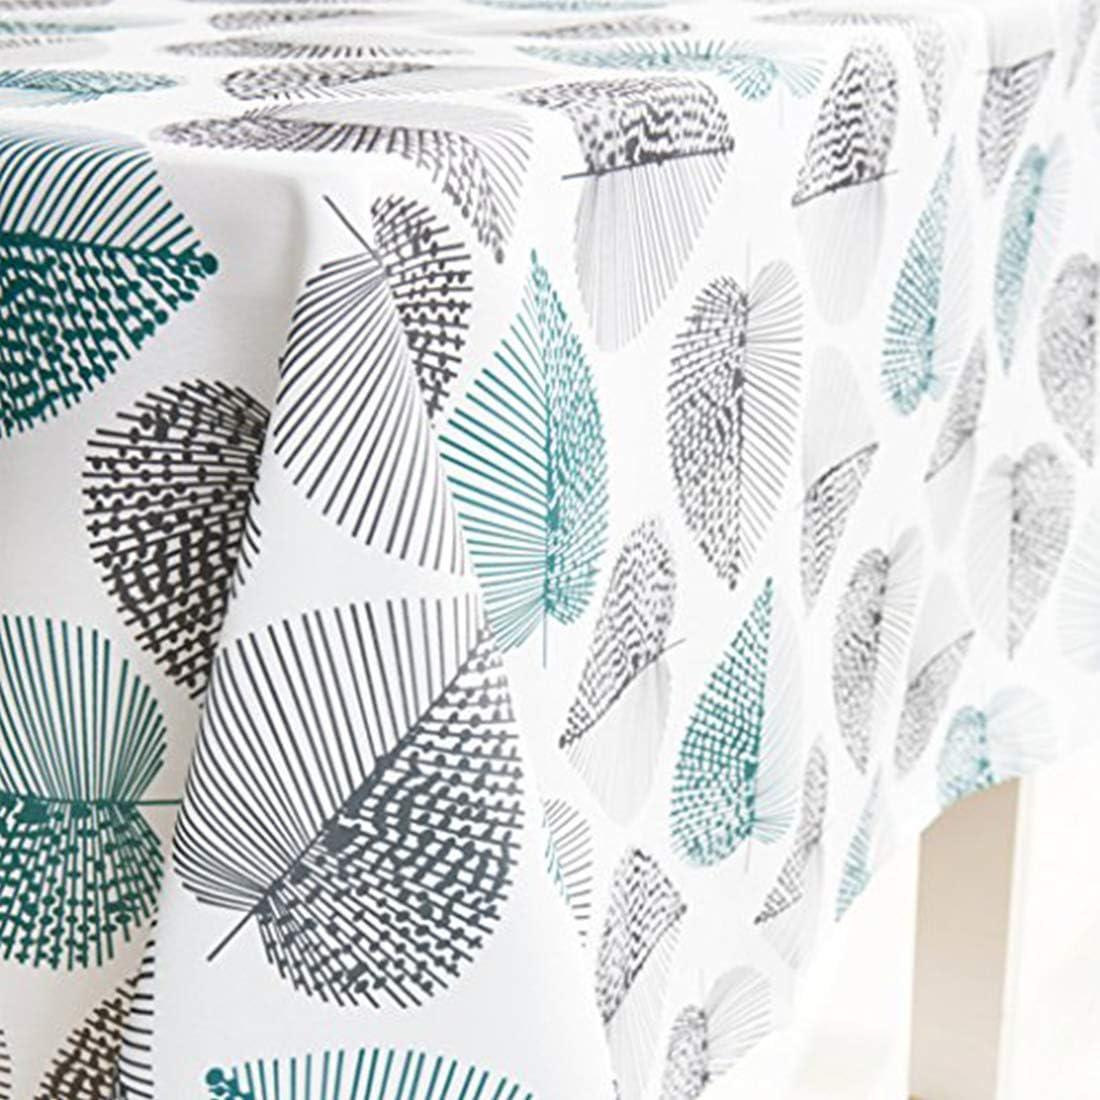 X-Labor - Mantel lavable rectangular, resistente al agua, tejido Oxford, fácil de limpiar, para jardín, habitaciones, decoración de mesa, verde menta, 140*200 cm